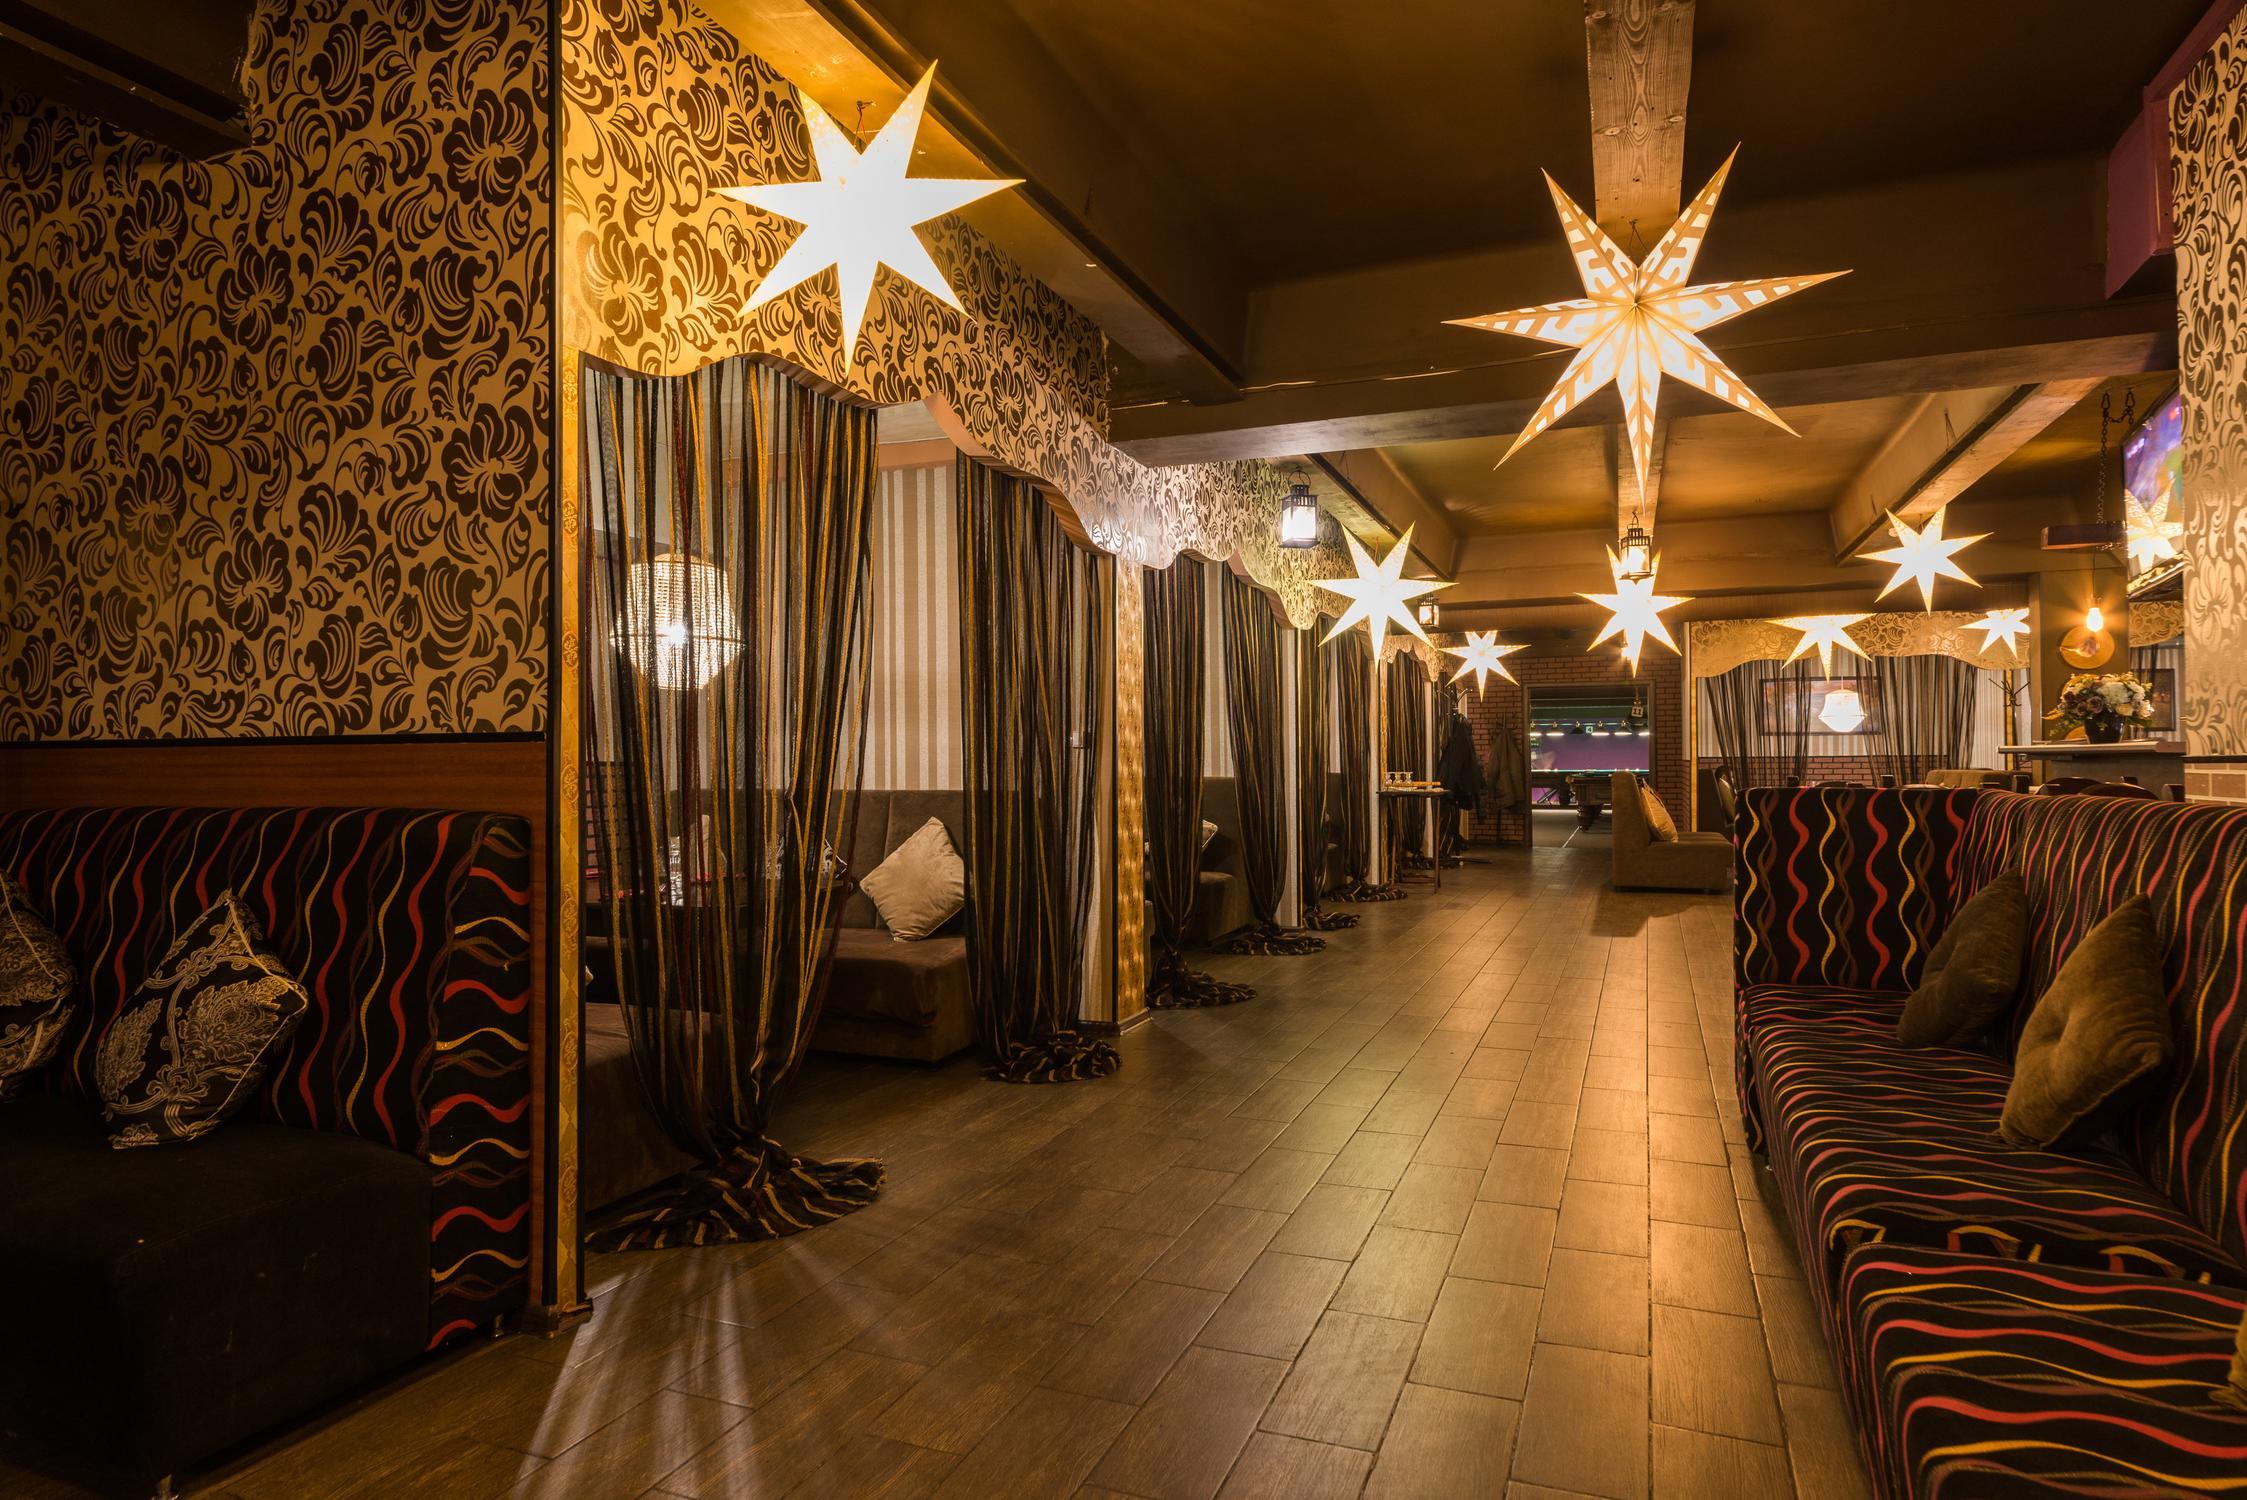 фотография Ресторана Вкусный Хауз на Коровинском шоссе